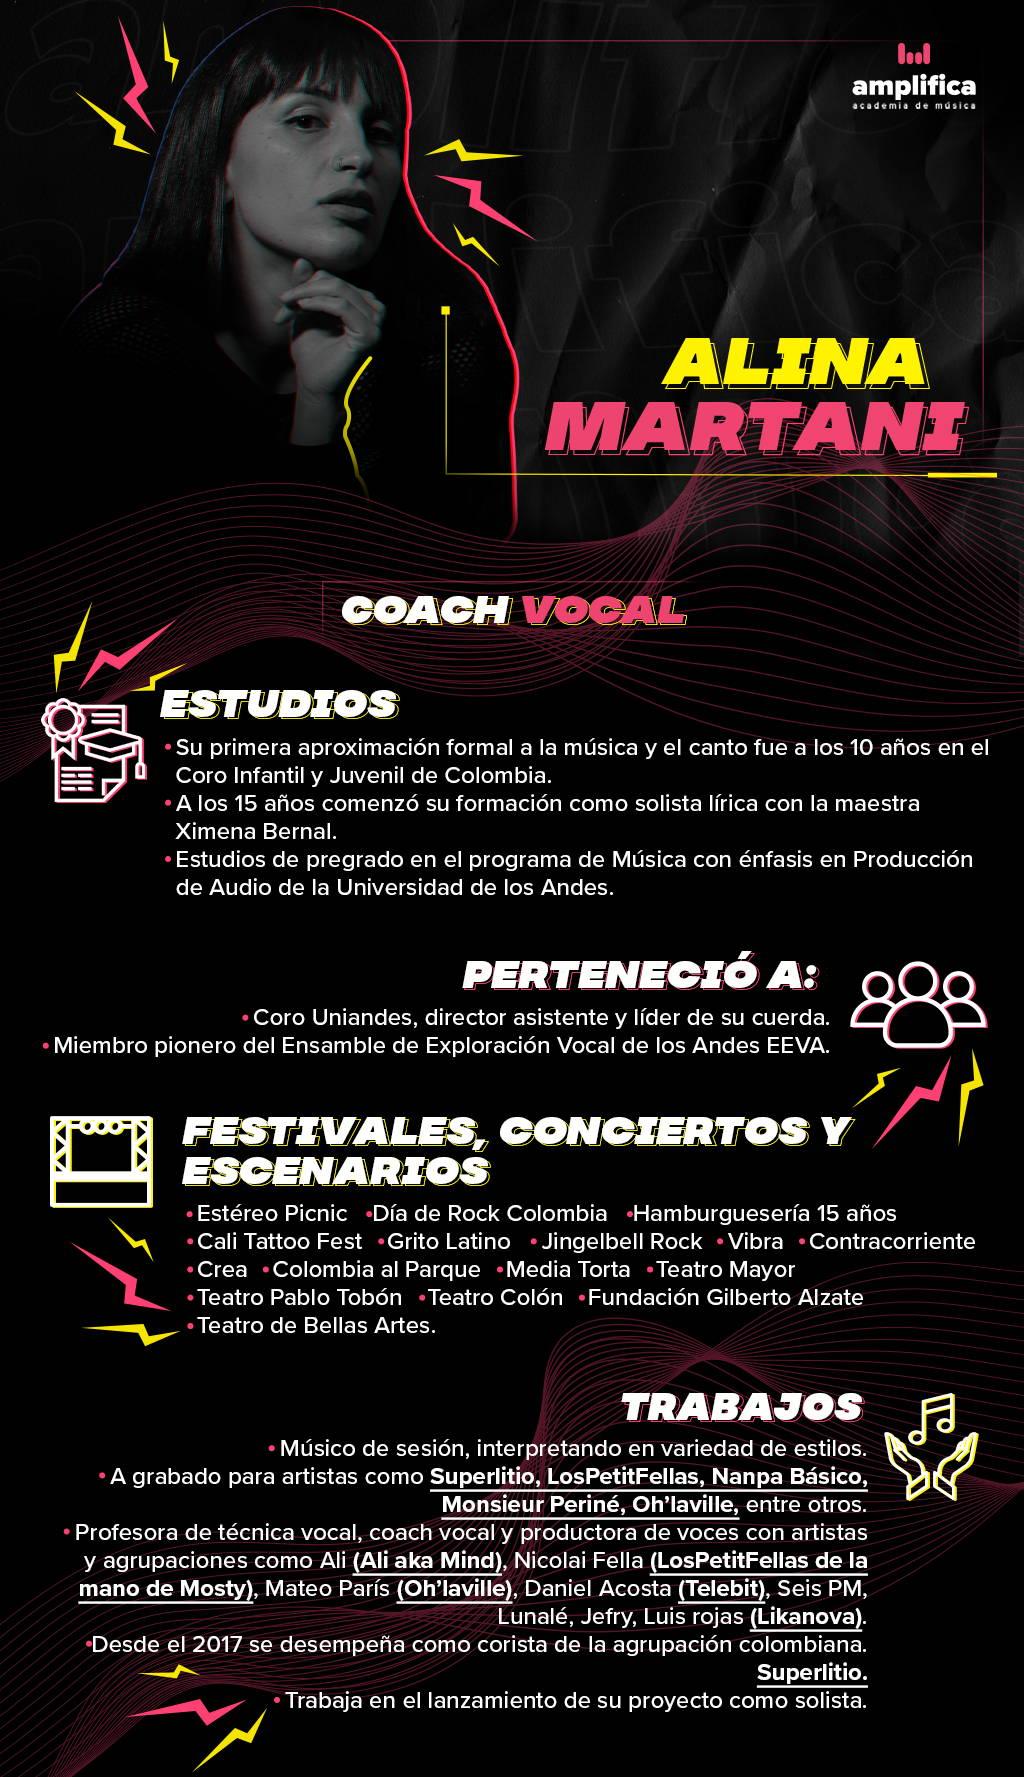 Coach Vocal - Superlitio, LosPetitFellas, Nanpa Básico, Monsieur Periné, Oh'laville, entre otros  Alina Martani es cantante contralto. Su primera aproximación formal a la música y el canto fue a los 10 años en el Coro Infantil y Juvenil de Colombia. A los 15 años comenzó su formación como solista lírica con la maestra Ximena Bernal. En la adolescencia empezó a explorar con sonoridades afuera de la música clásica, encontrando en ritmos como el Blues, el Soul y el R&b, una identidad sonora. Más adelante realizó sus estudios de pregrado en el programa de Música con énfasis en Producción de Audio de la Universidad de los Andes y fue miembro del Coro Uniandes, director asistente y líder de su cuerda. También fue miembro pionero del Ensamble de Exploración Vocal de los Andes EEVA. Luego de egresada se ha dedicado en los últimos casi 10 años a trabajar como músico de sesión, interpretando en variedad de estilos y grabando para artistas como Superlitio, LosPetitFellas, Nanpa Básico, Monsieur Periné, Oh'laville, entre otros. Por fuera del estudio, ha participado en festivales y conciertos como Estéreo Picnic, Día de Rock Colombia, Hamburguesería 15 años, Cali Tattoo Fest, Grito Latino, Jingelbell Rock, Vibra, Contracorriente, Crea, Colombia al Parque, en escenarios como la Media Torta, el Teatro Mayor, el Teatro Pablo Tobón, el Teatro Colón, la Fundación Gilberto Alzate y el Teatro de Bellas Artes. En los últimos años ha trabajado como profesora de técnica vocal, coach vocal y productora de voces con artistas y agrupaciones como Ali (Ali aka Mind), Nicolai Fella (LosPetitFellas de la mano de Mosty), Mateo París (Oh'laville), Daniel Acosta (Telebit), Seis PM, Lunalé, Jefry, Luis rojas (Likanova). Actualmente se desempeña como corista de la agrupación colombiana Superlitio desde el año 2017 y trabaja en el lanzamiento de su proyecto como solista.